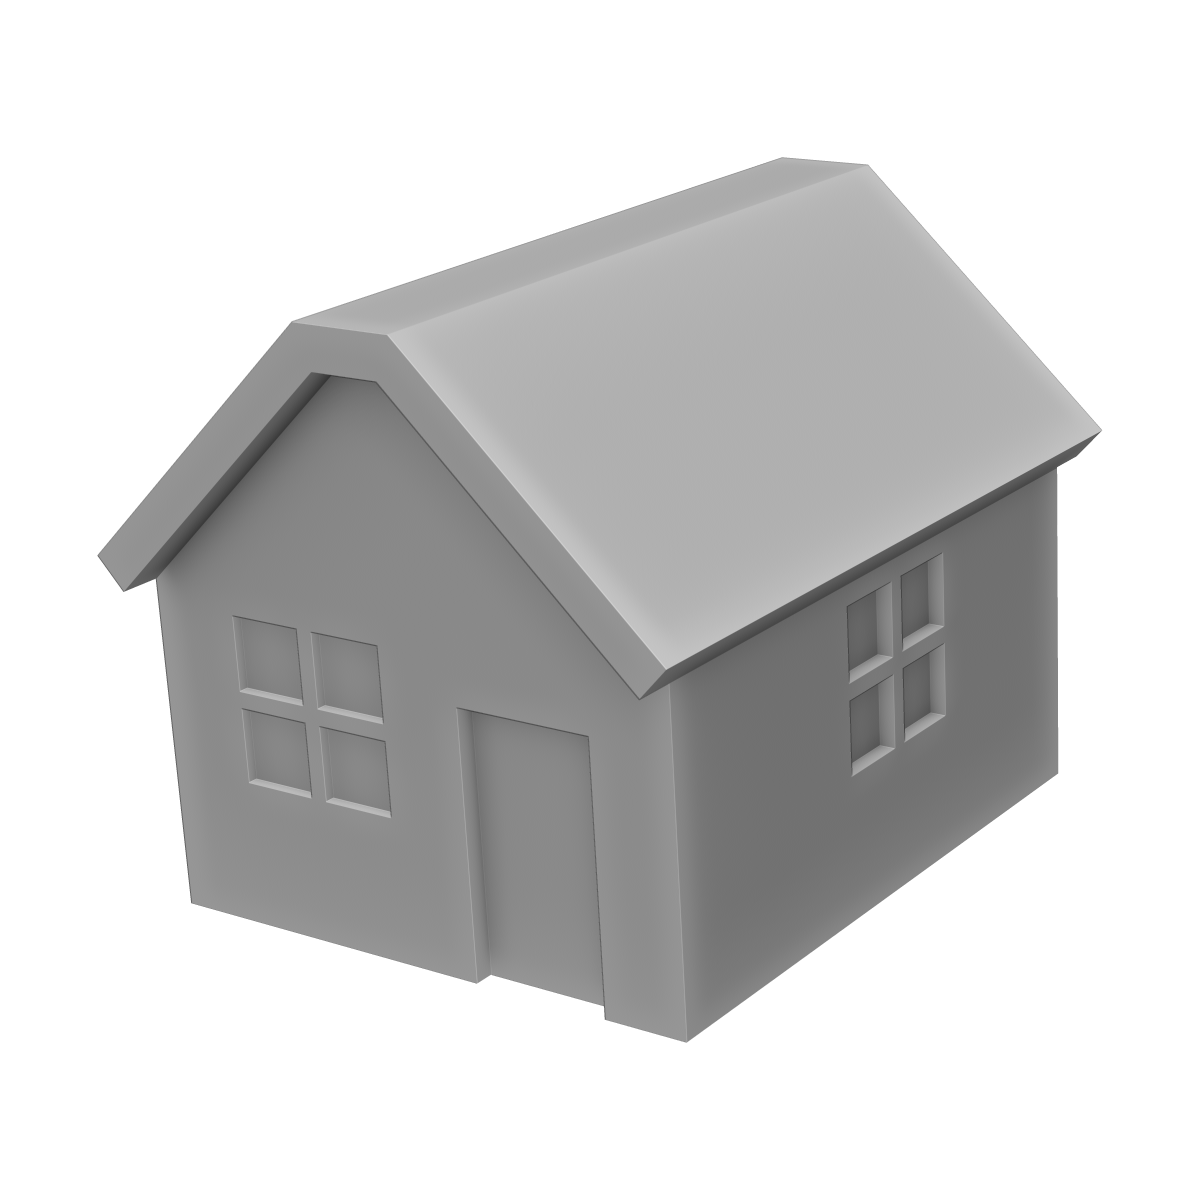 家(全景)の3Dイラスト